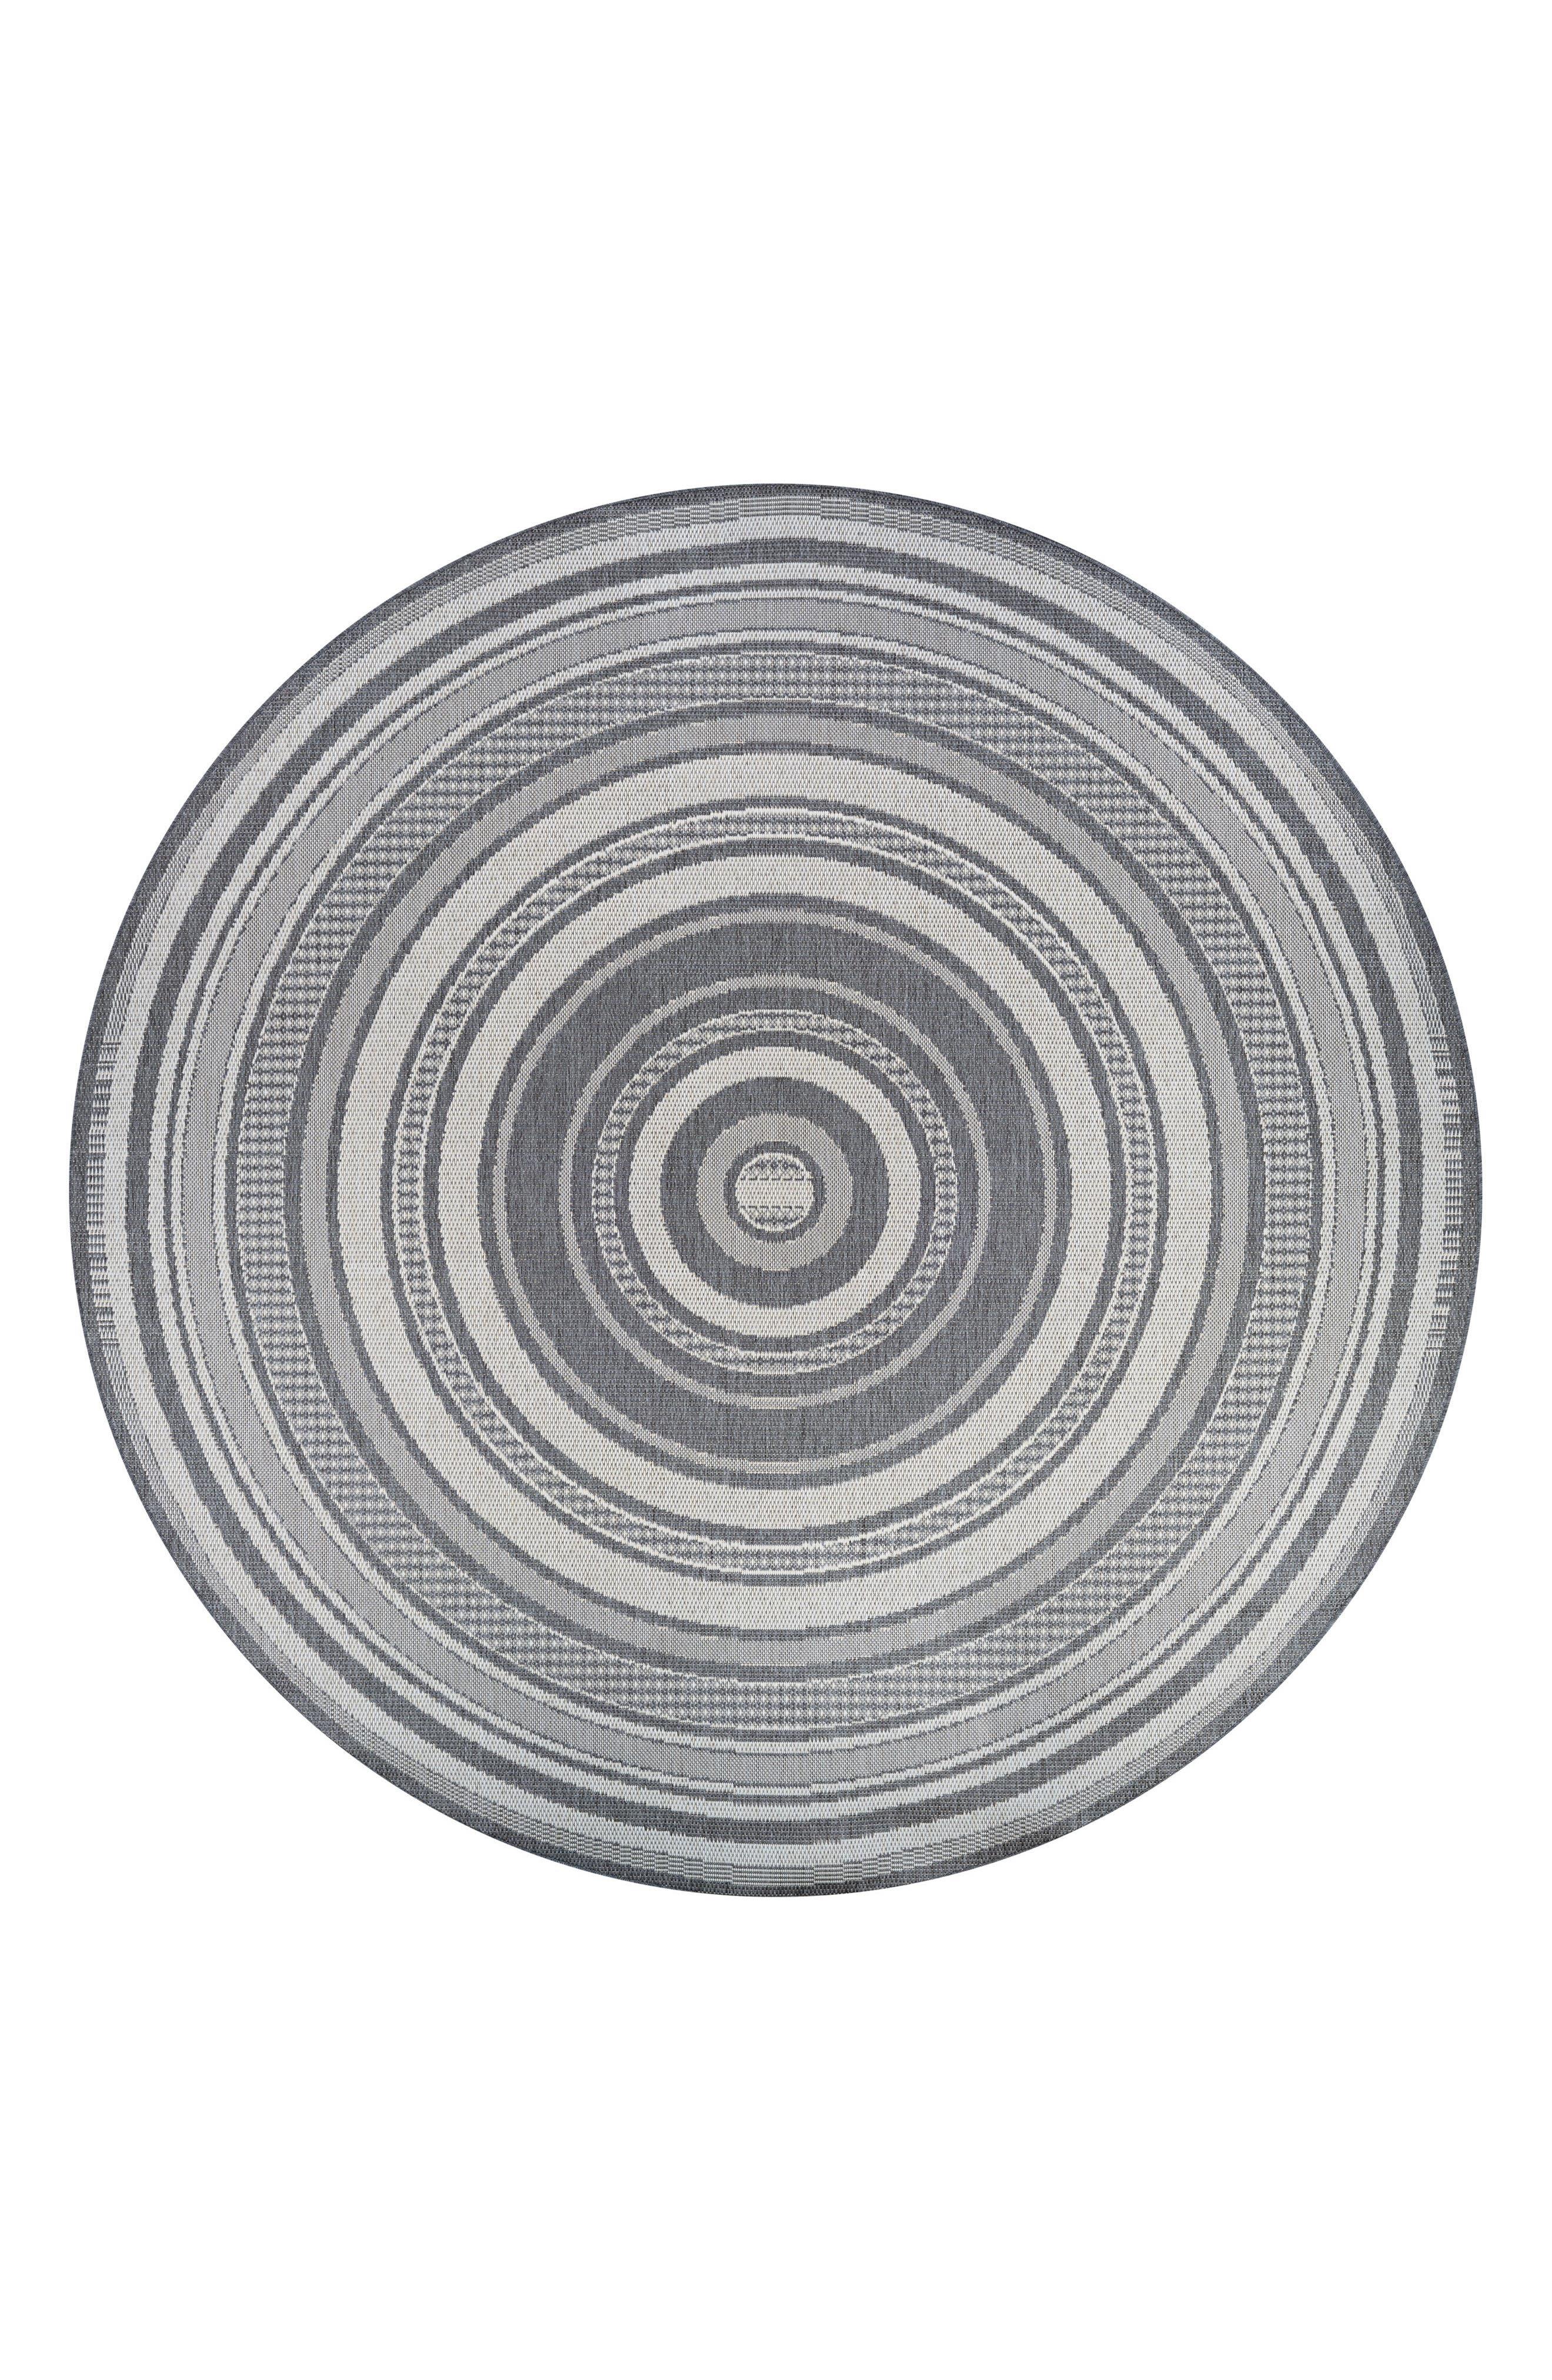 Alternate Image 1 Selected - Couristan Gazebo Indoor/Outdoor Rug